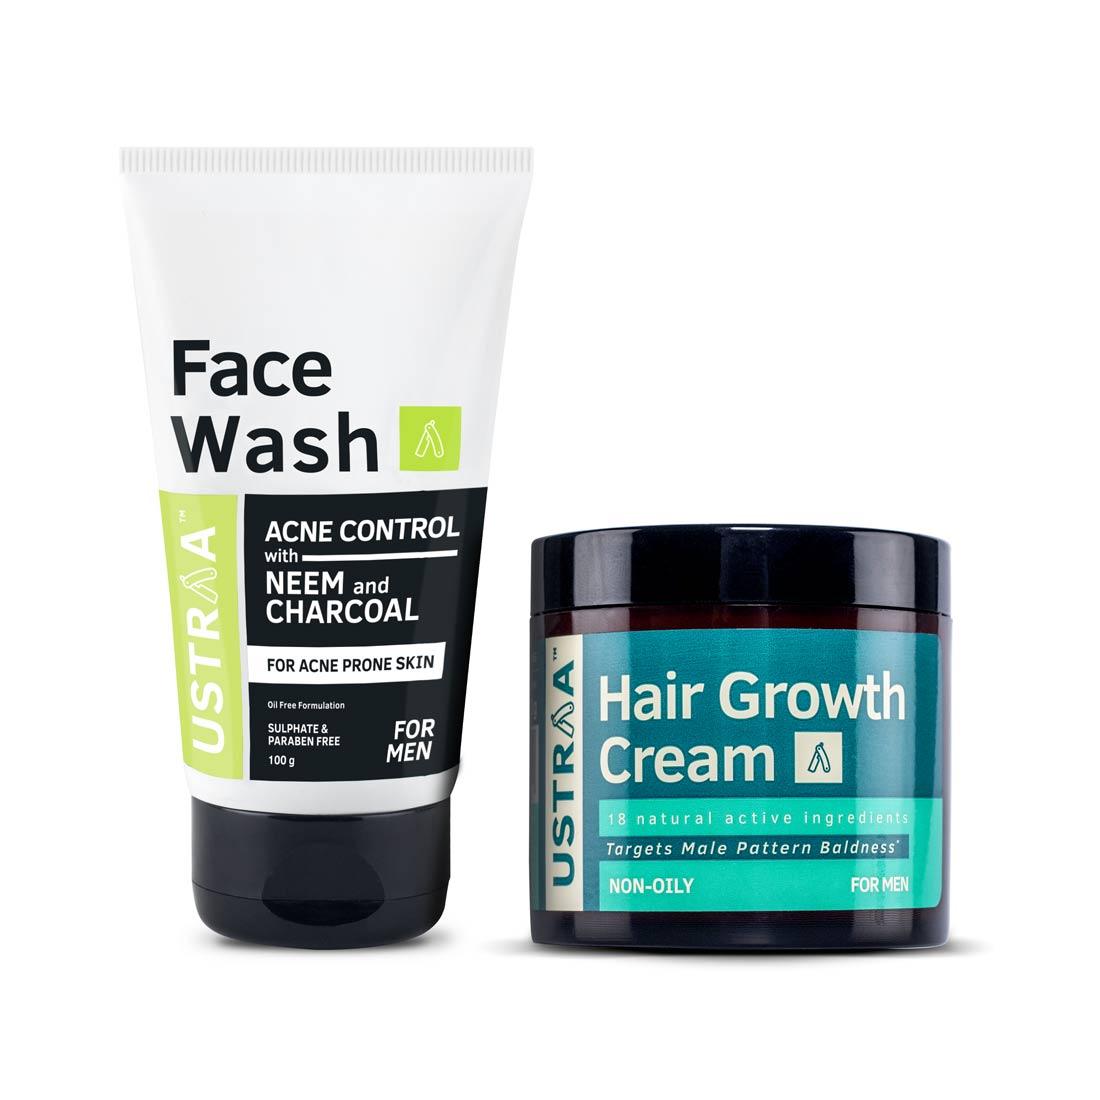 Hair Growth Cream & Acne Control Face wash